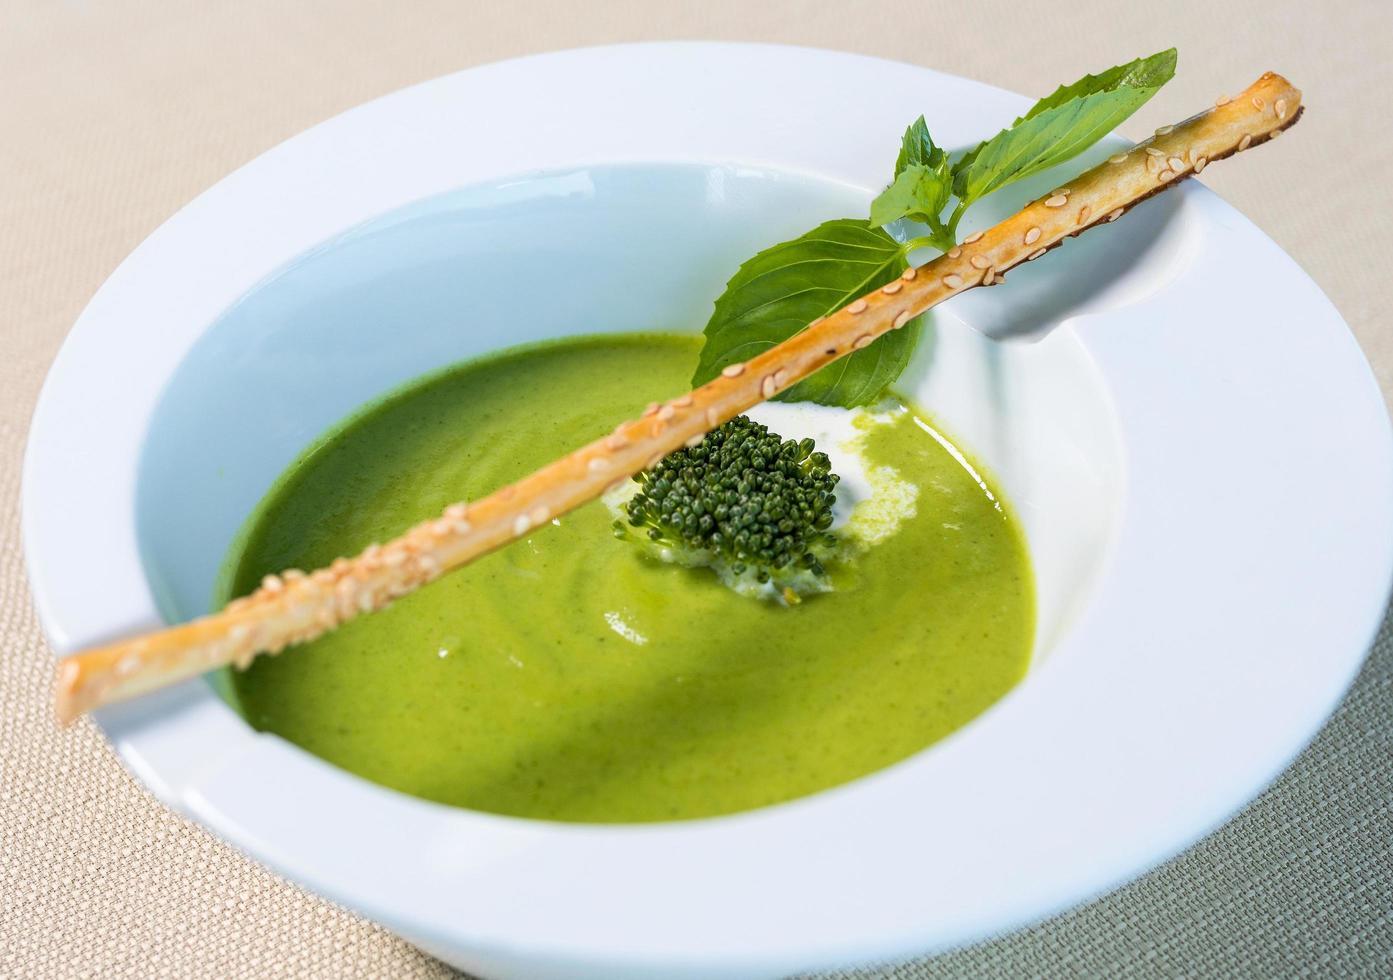 biologische groene soep foto